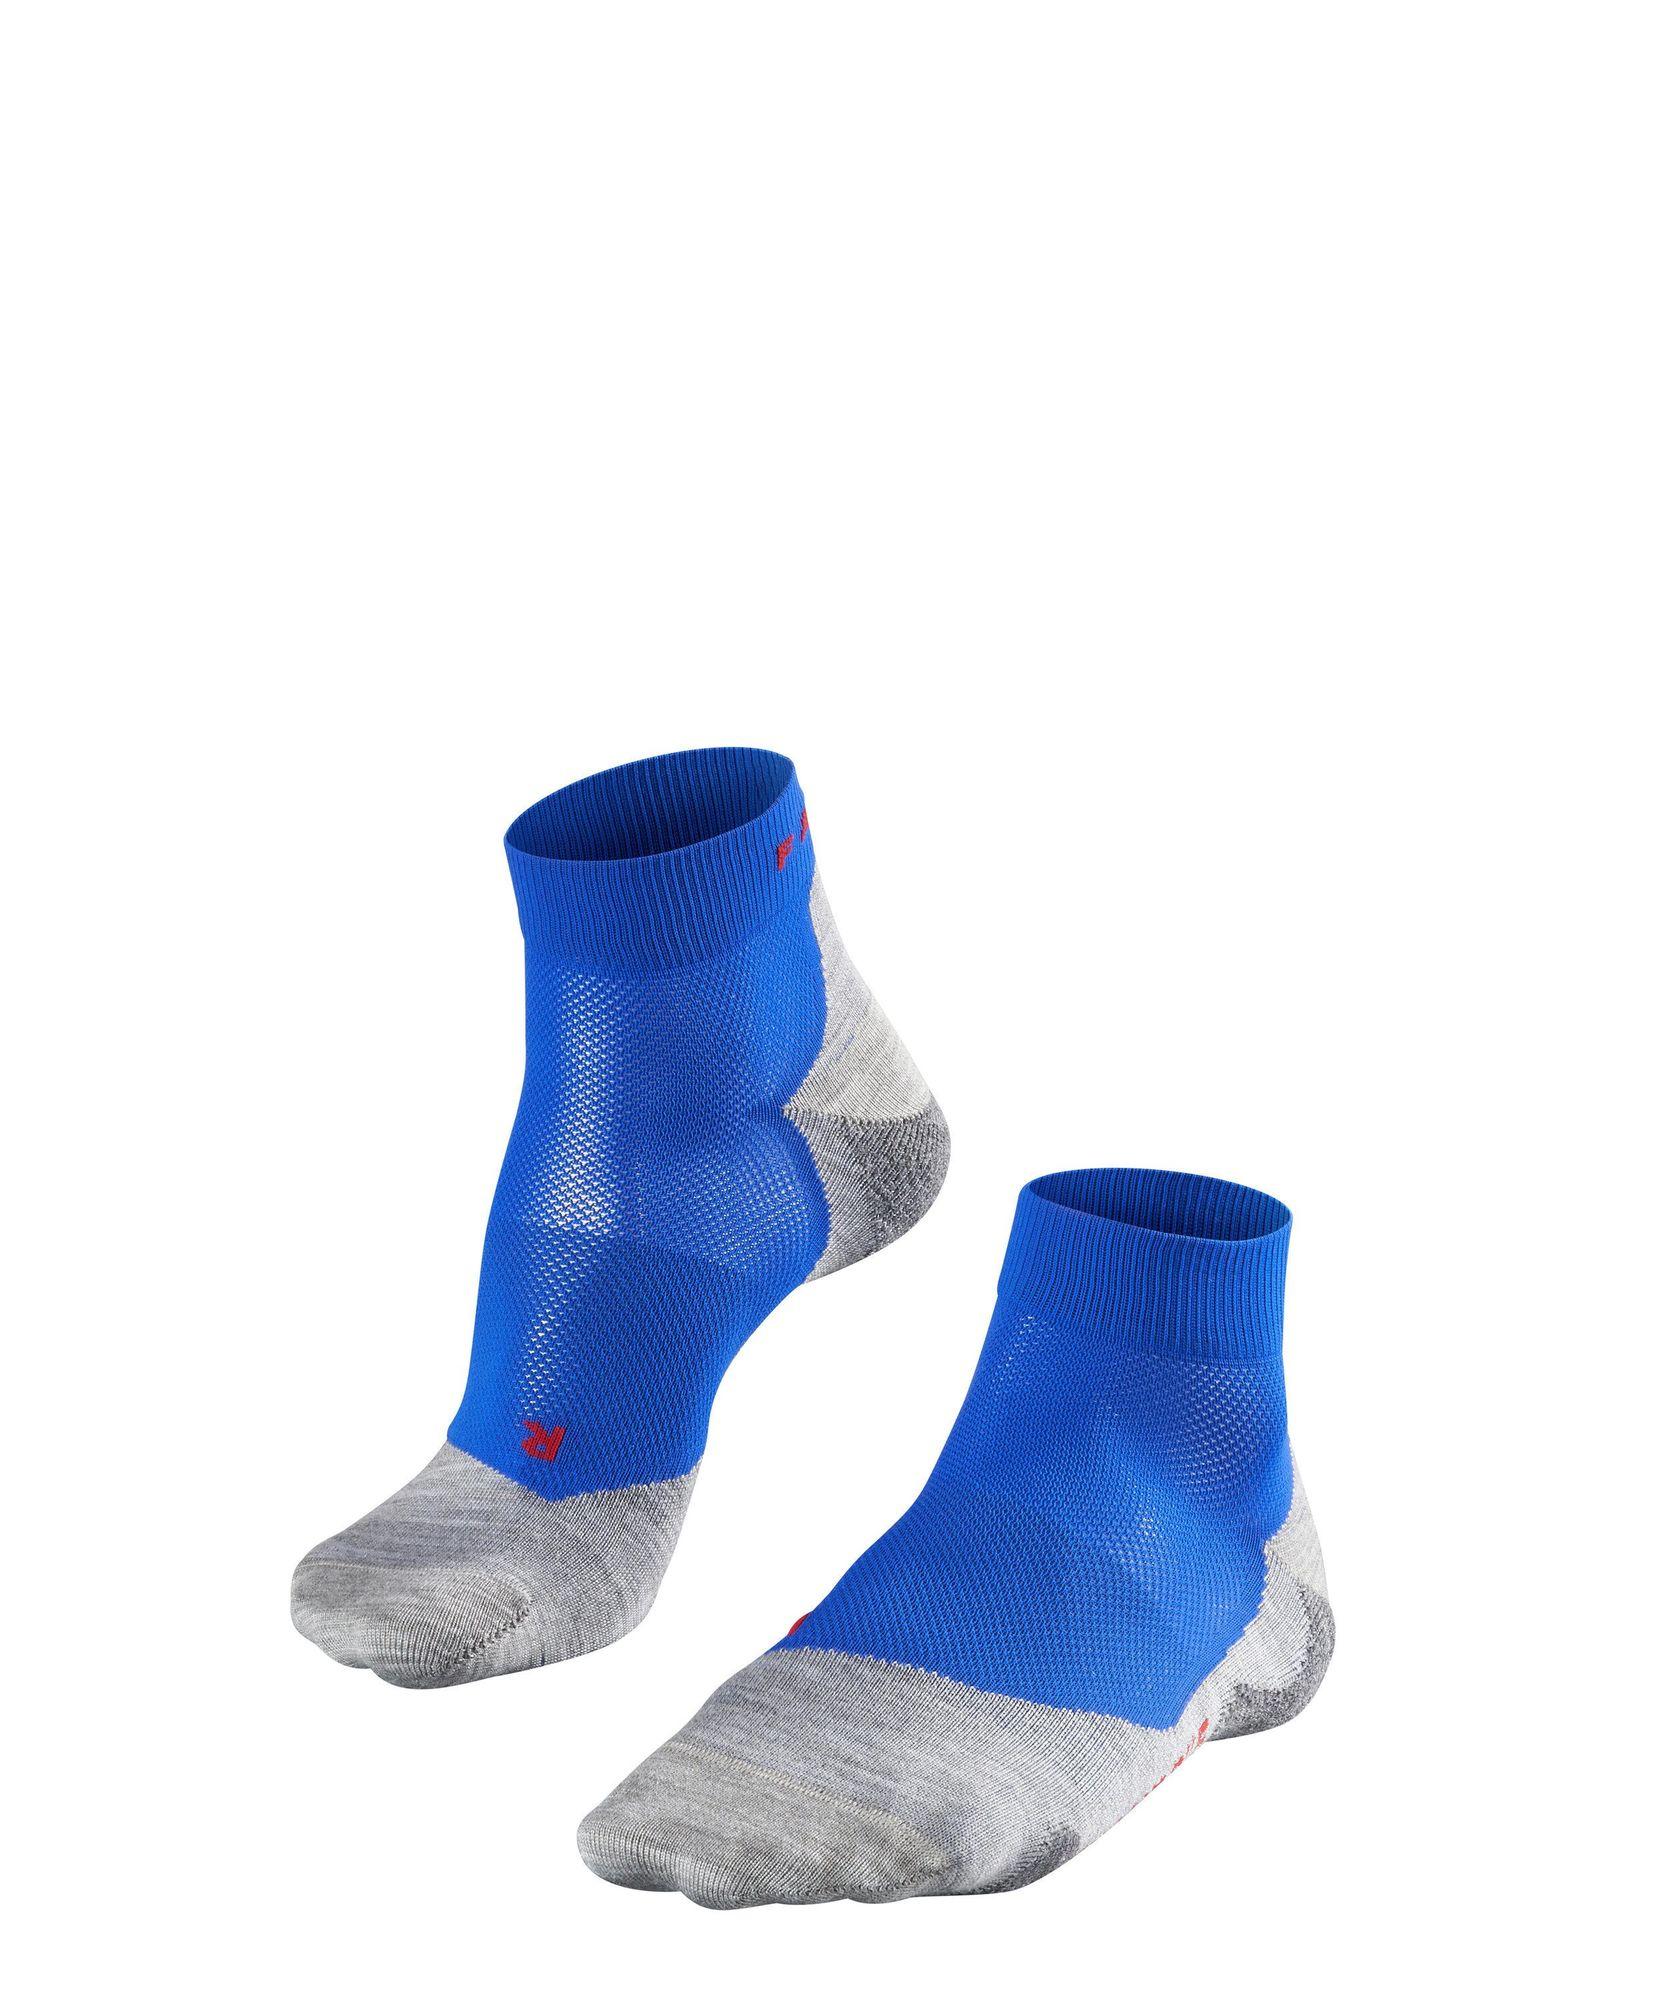 Falke RU5 Short in Blau